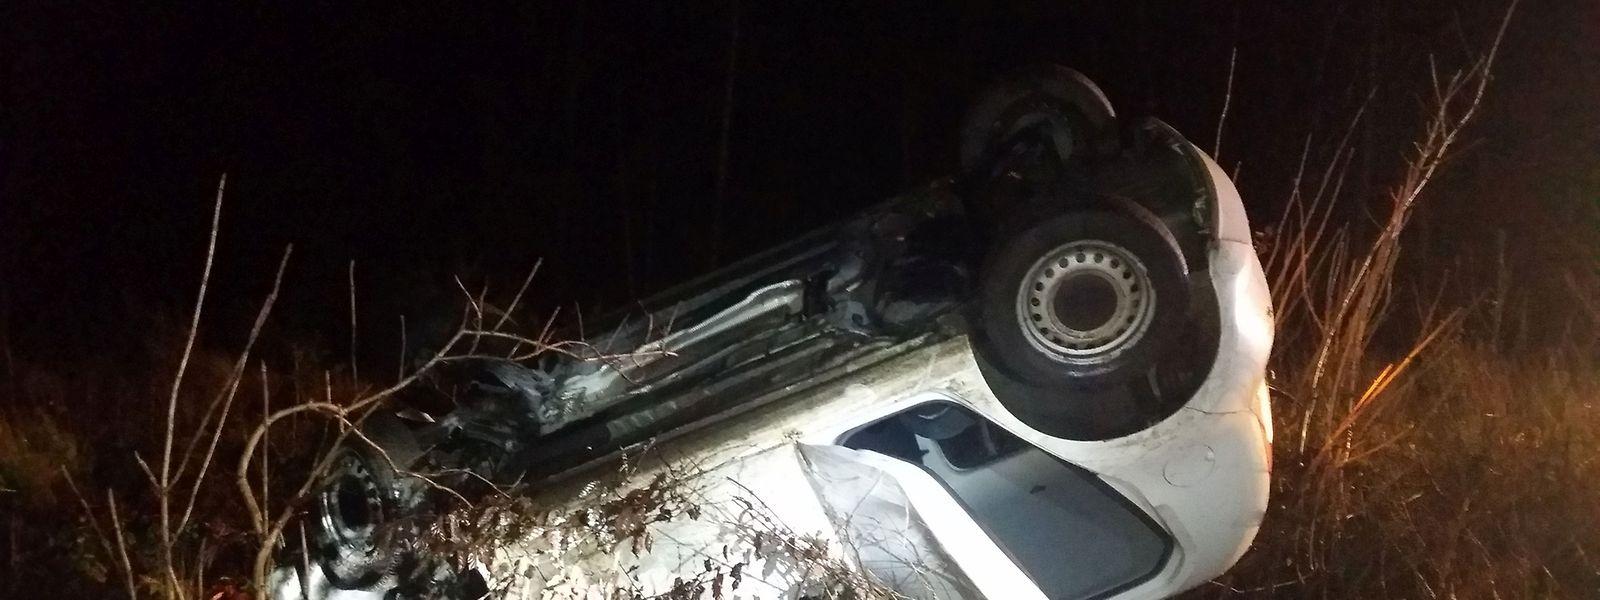 Das Fahrzeug wurde arg in Mitleidenschaft gezogen.